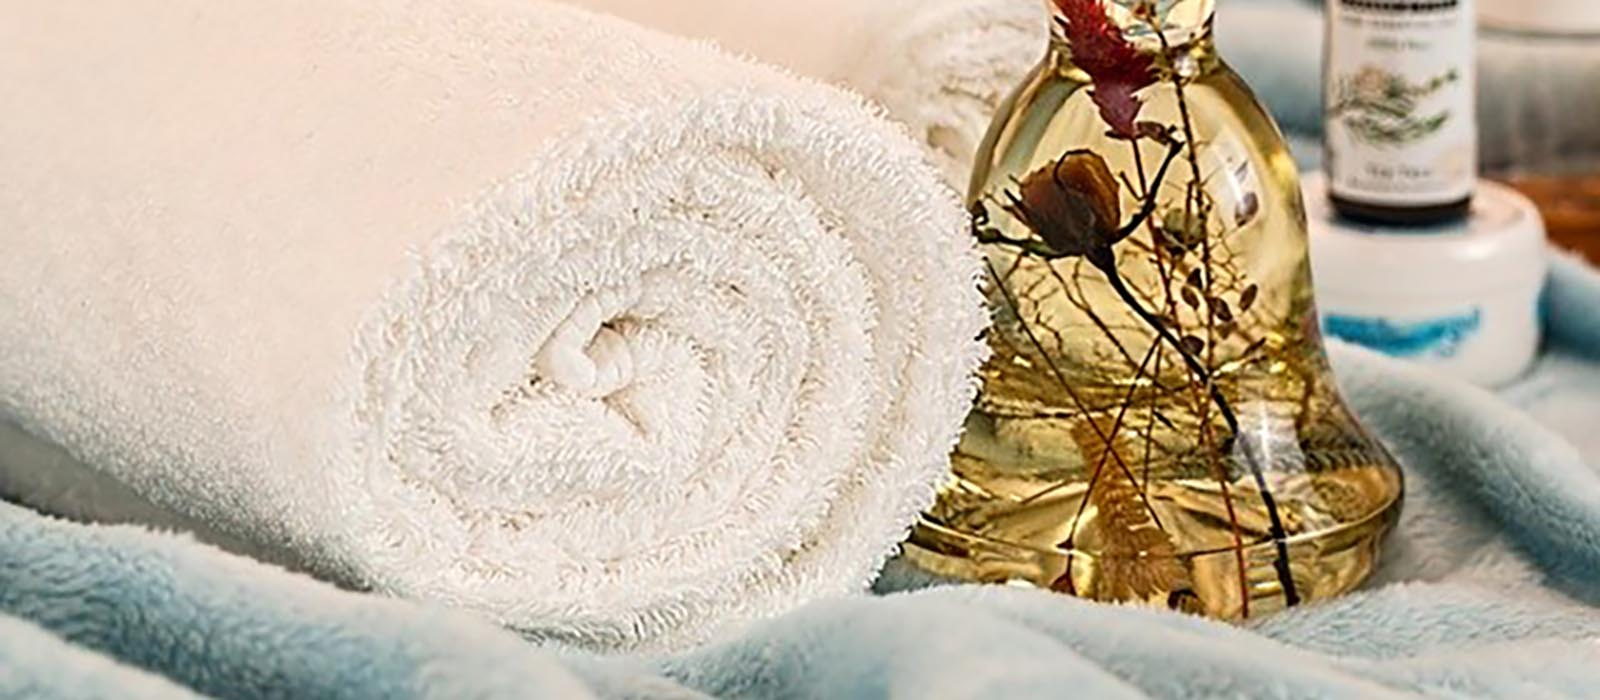 Hemmaspa med handdukar och flaskor med badprodukter.